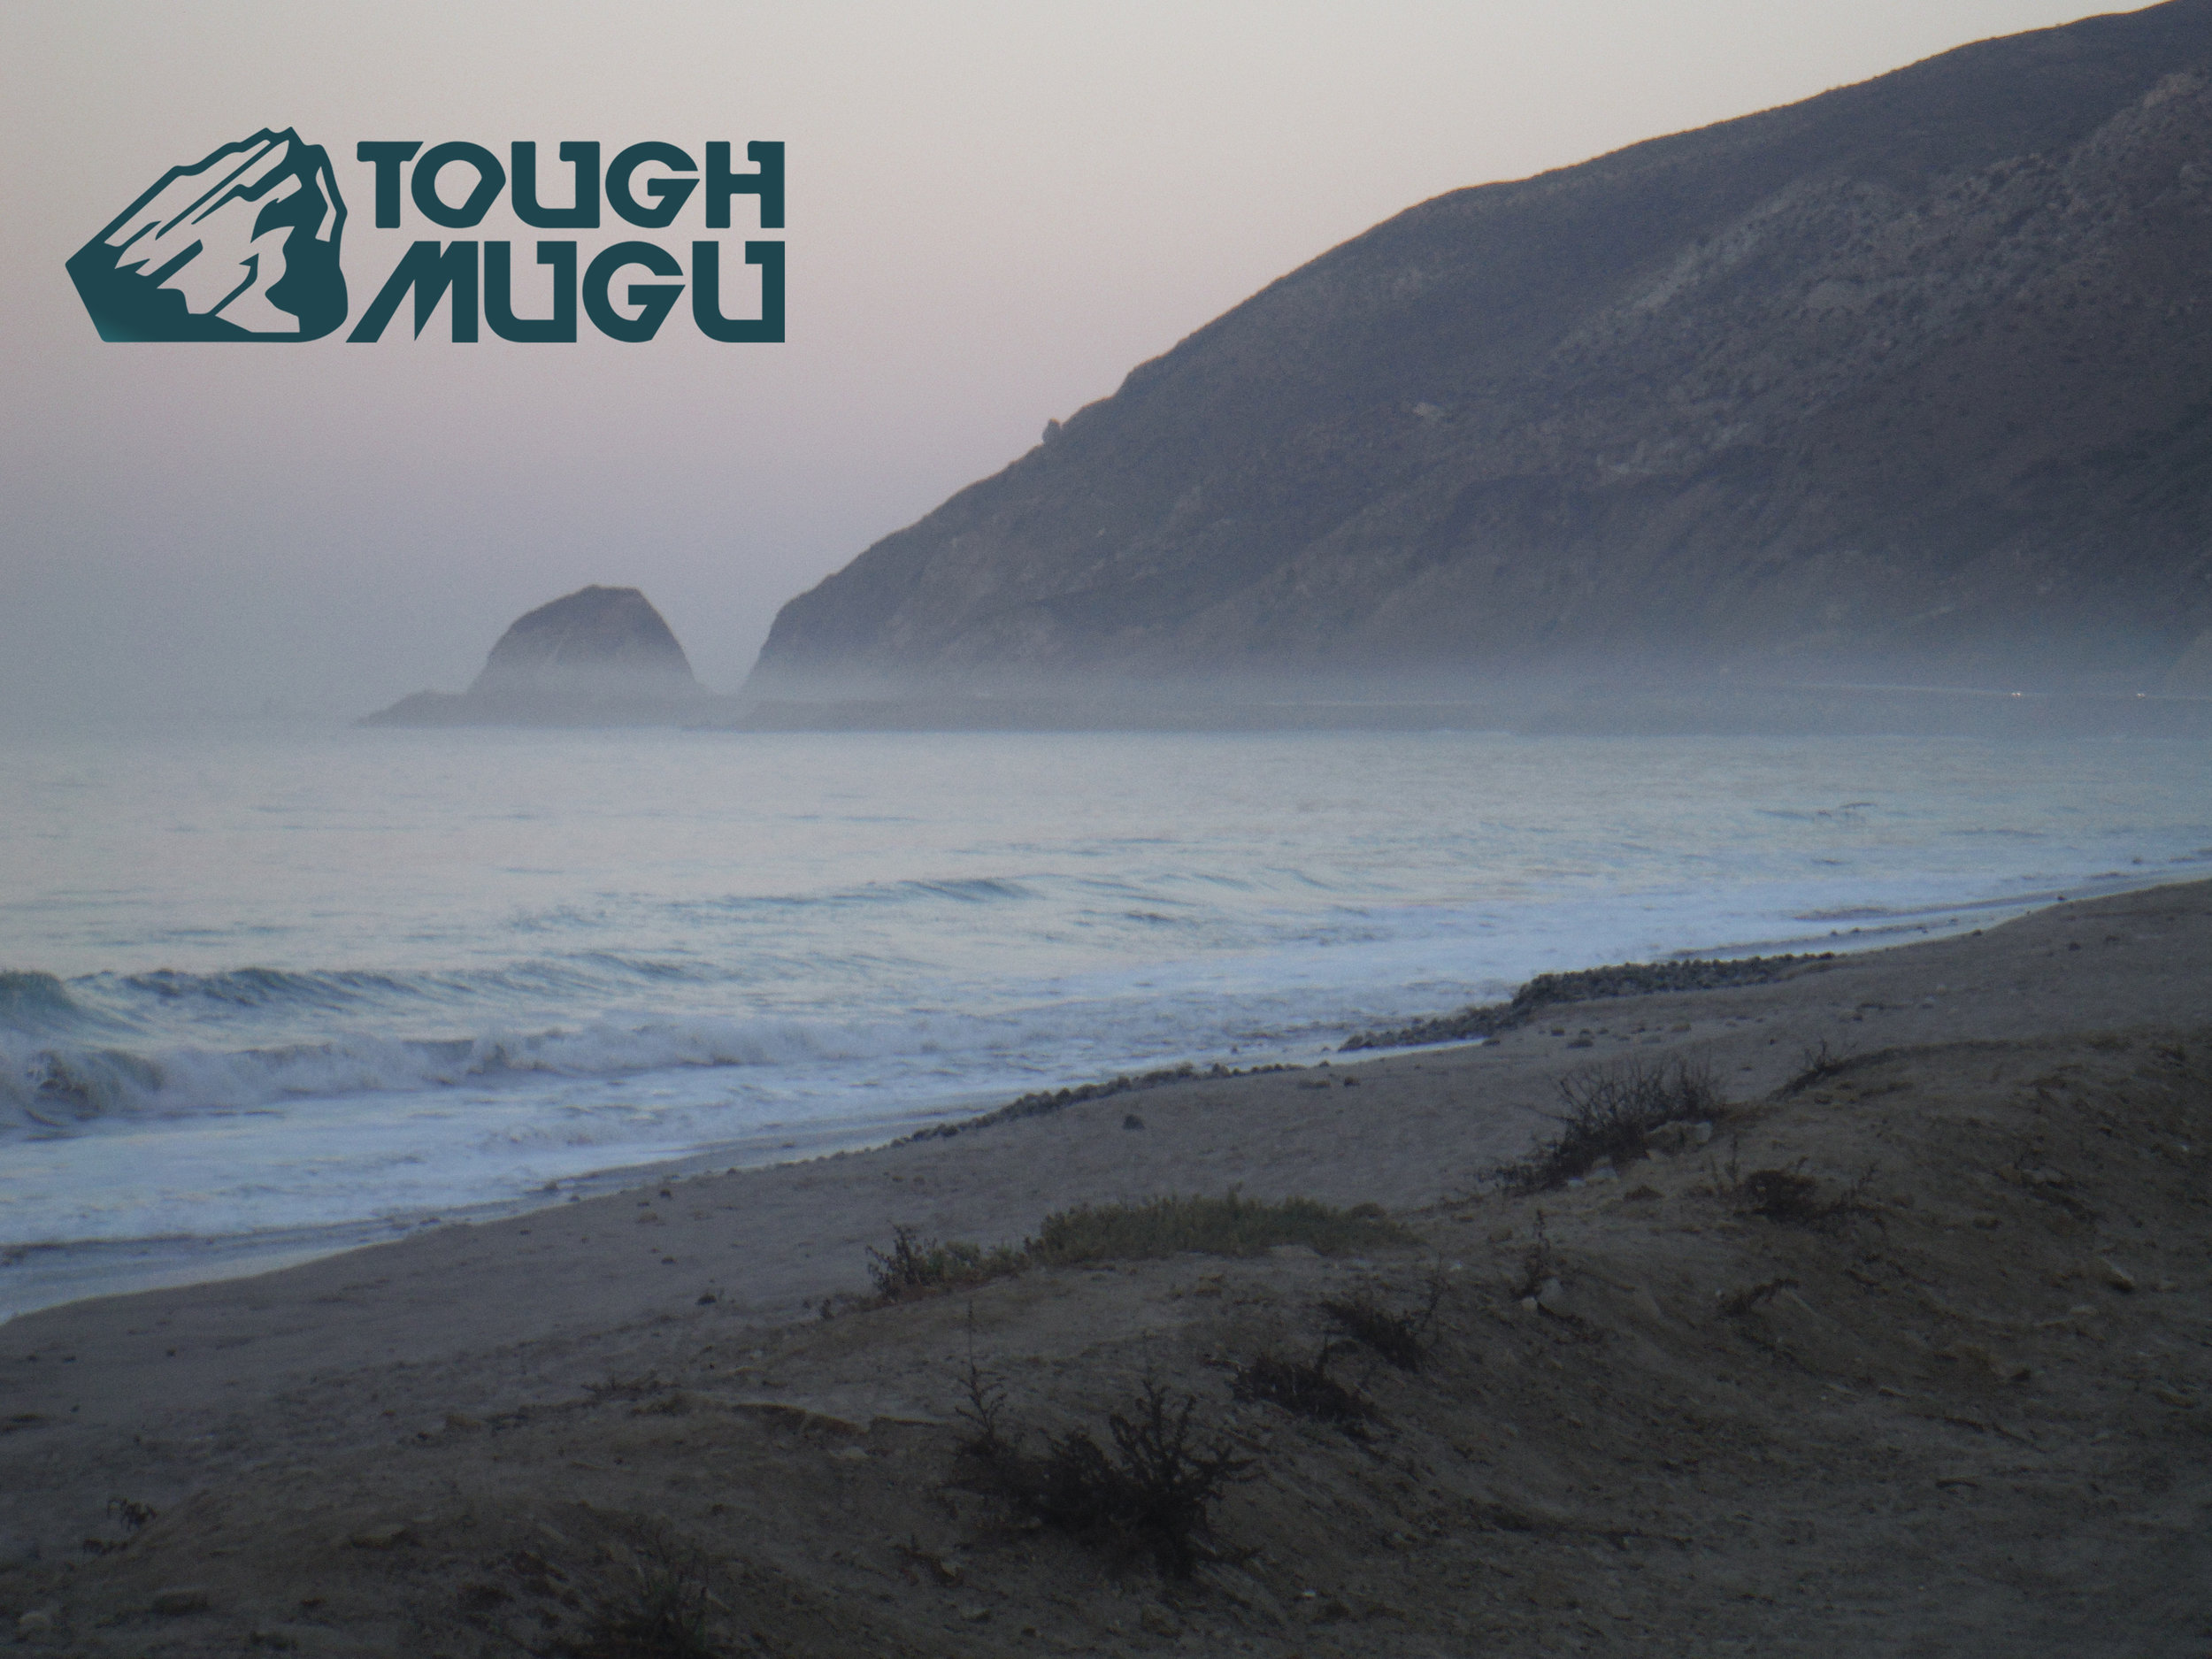 Tough Mugu 25k Trail Run